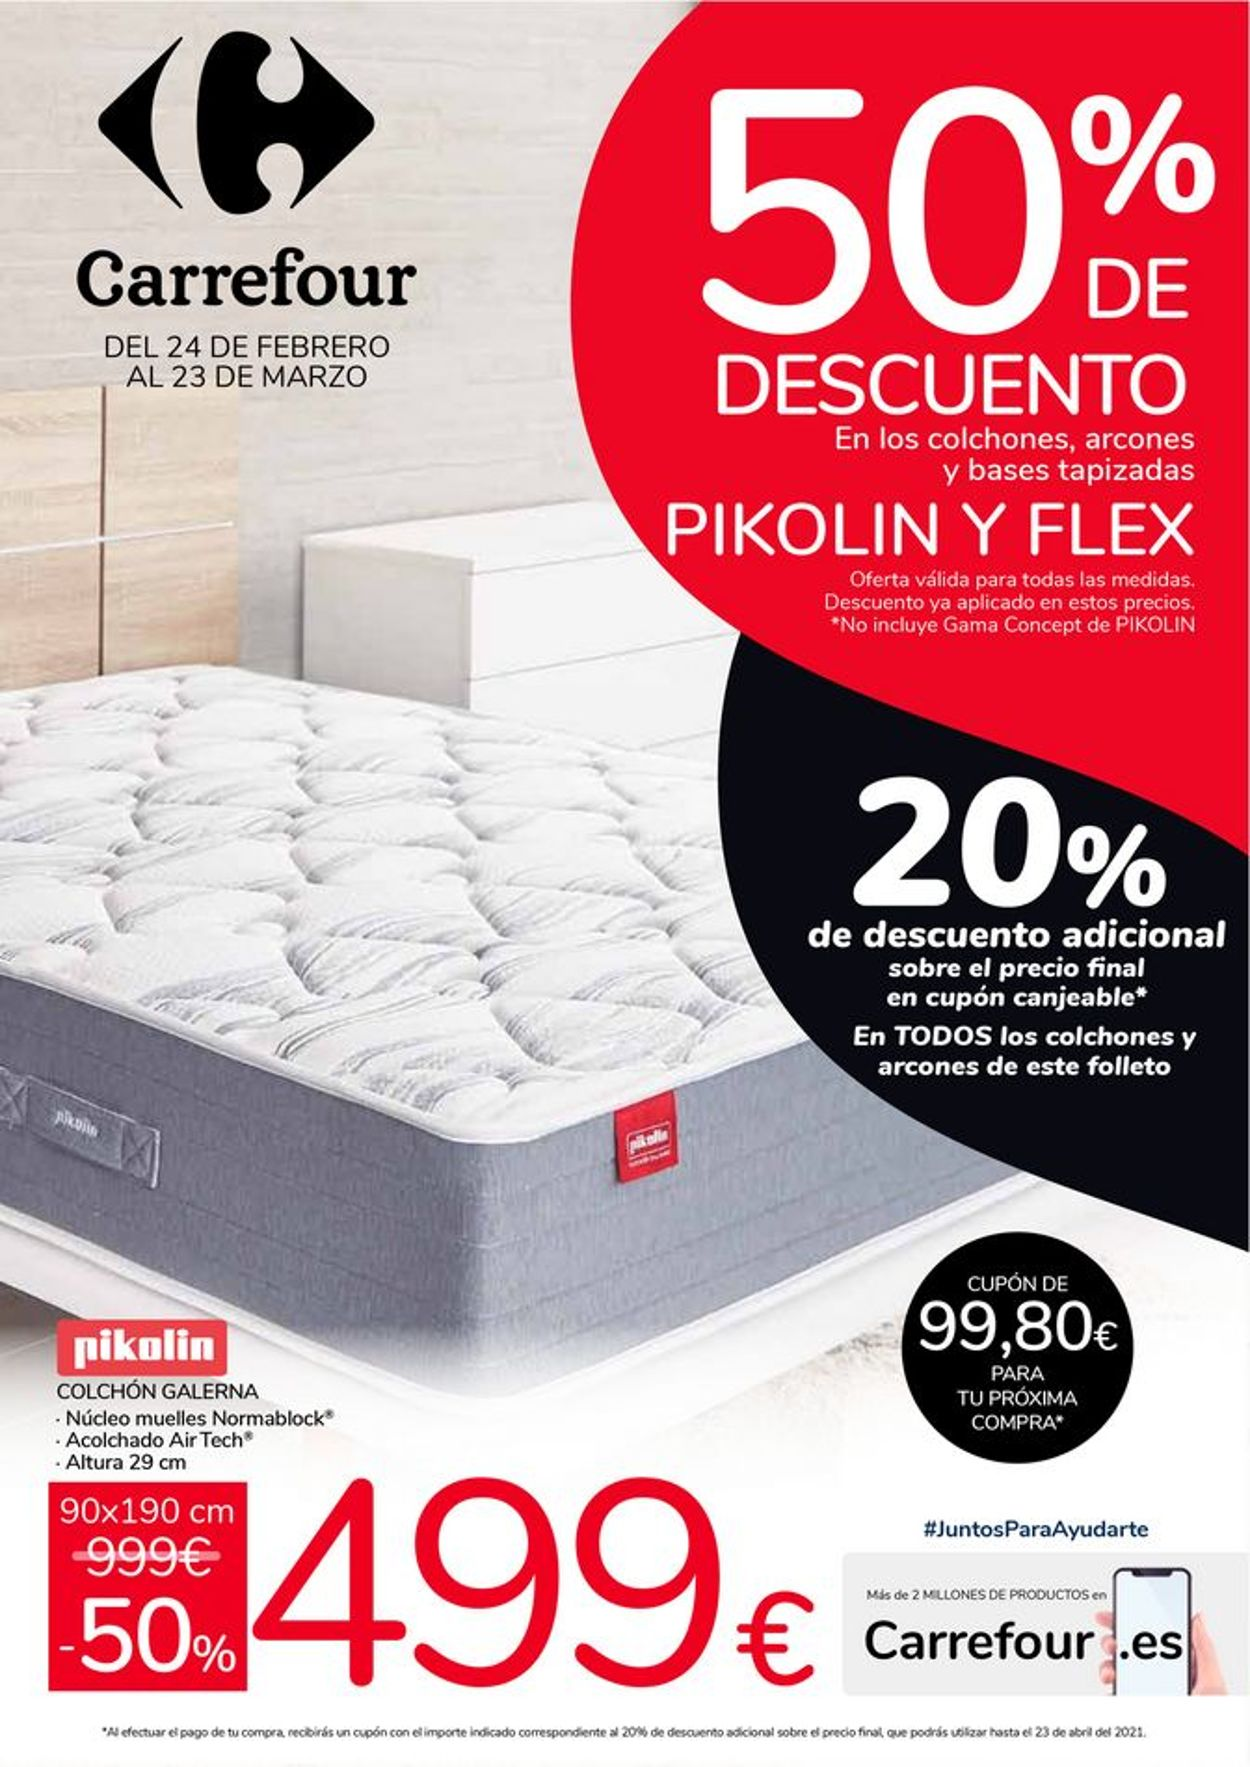 Carrefour 50% de descuento en Pikolin y Flex Folleto - 24.02-23.03.2021